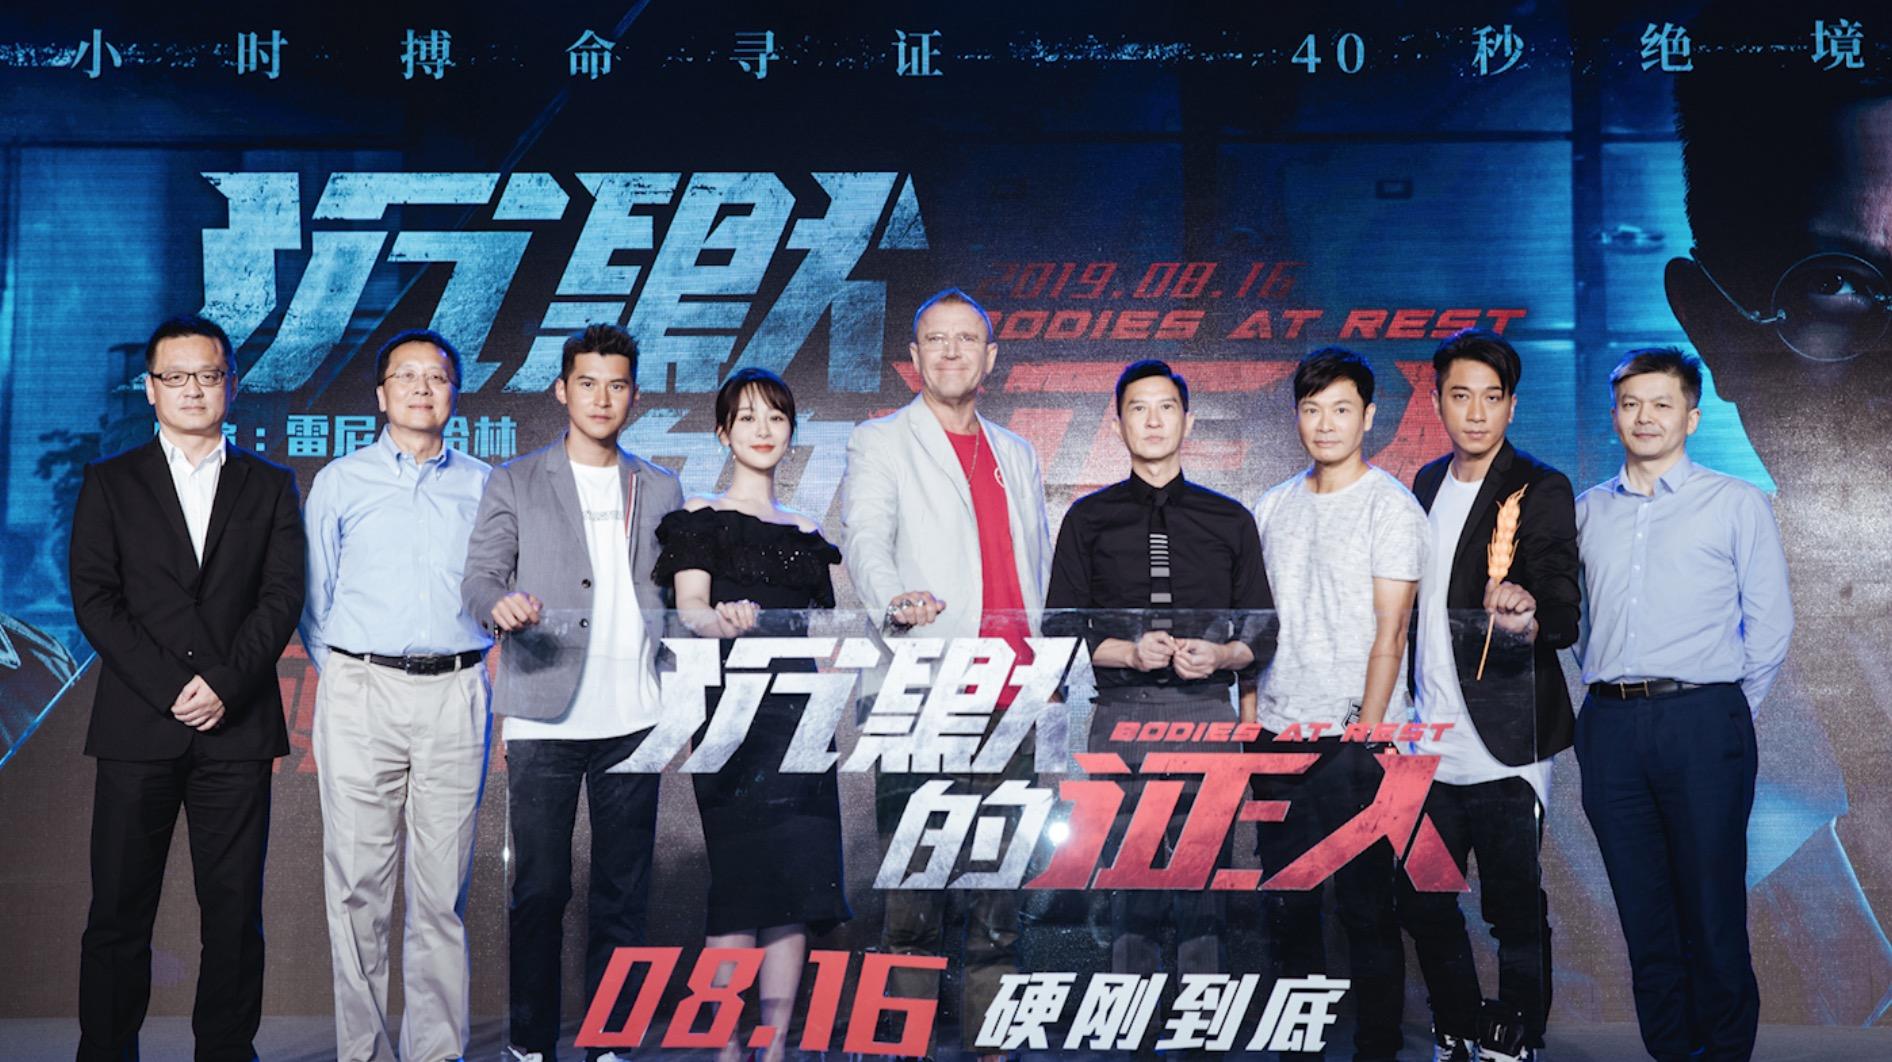 萬達影視出品 《沉默的證人》舉行首映發布會